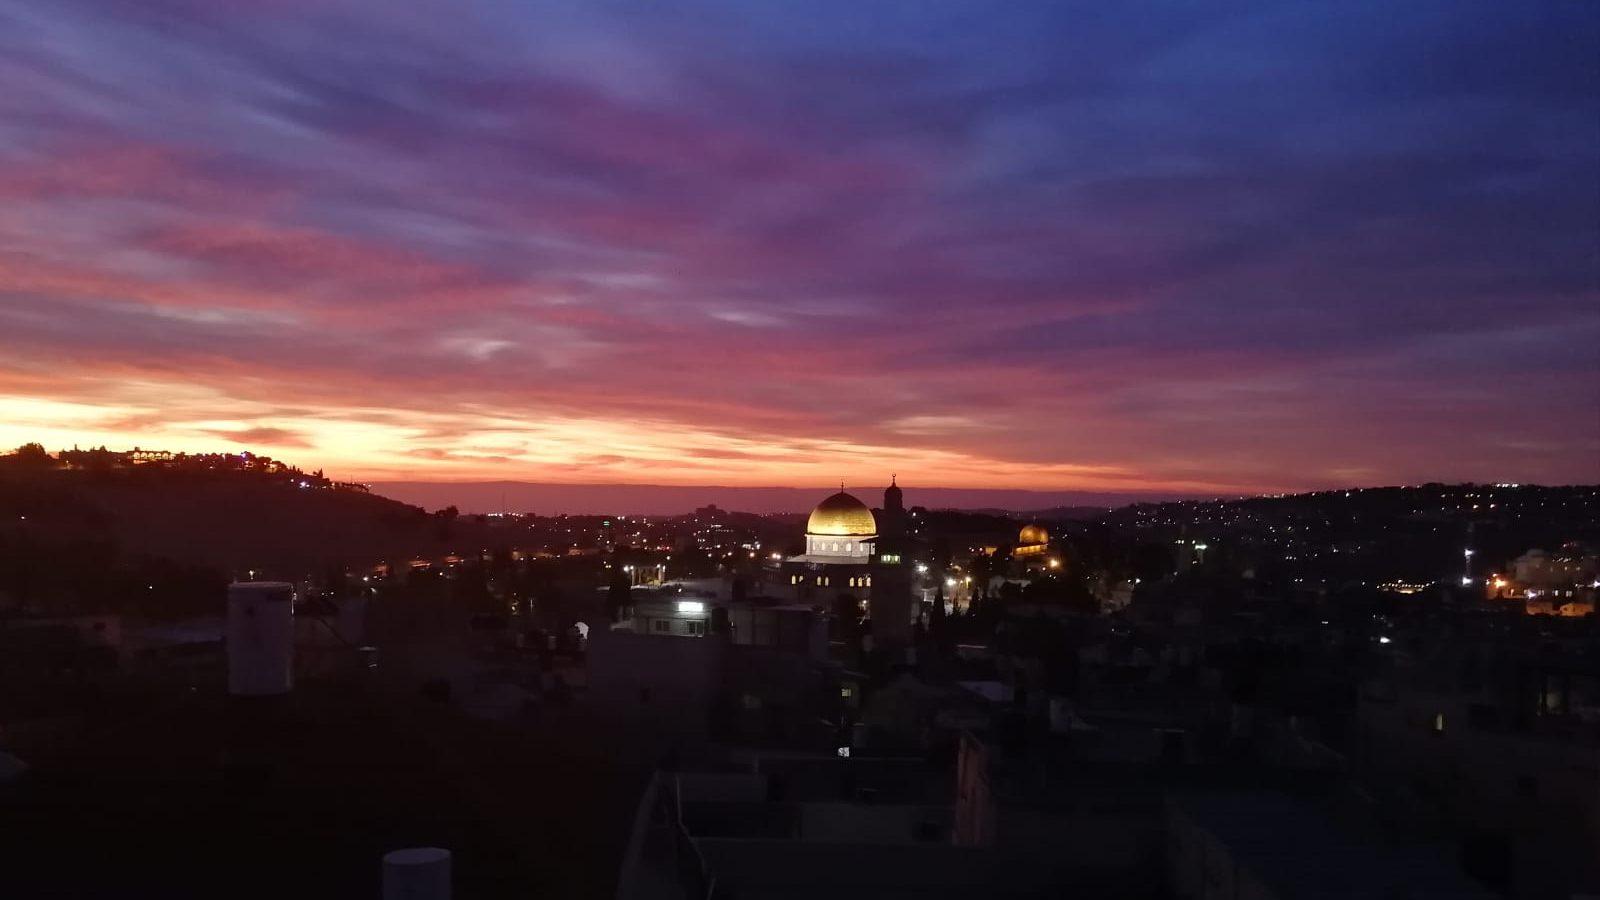 ארצנו היפה: הזריחה הבוקר במבט מהעיר העתיקה בירושלים